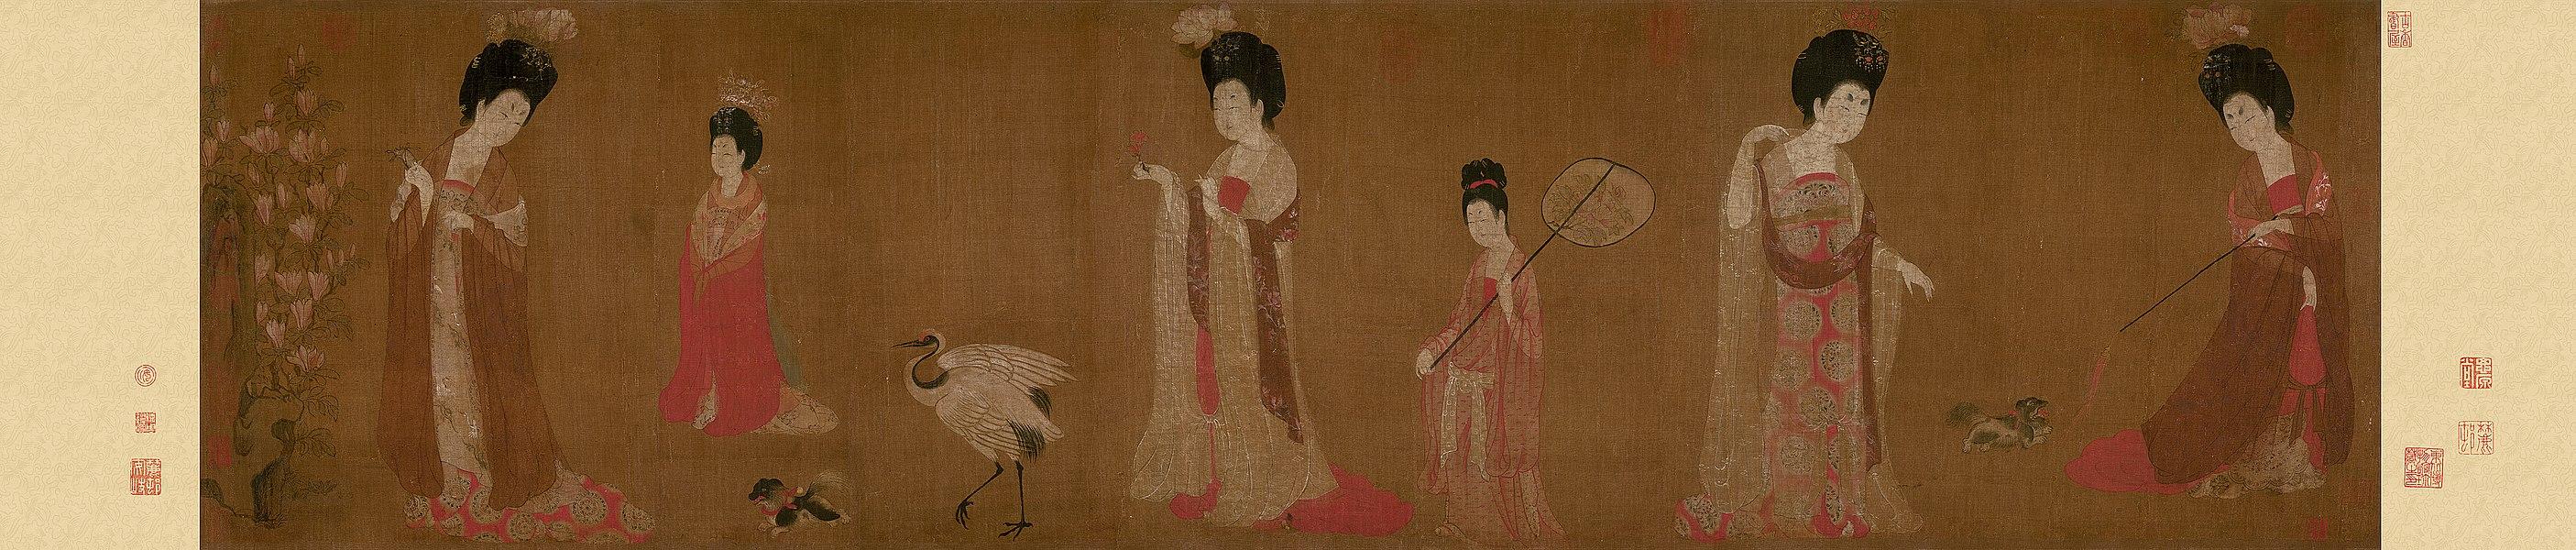 zhou fang - image 4